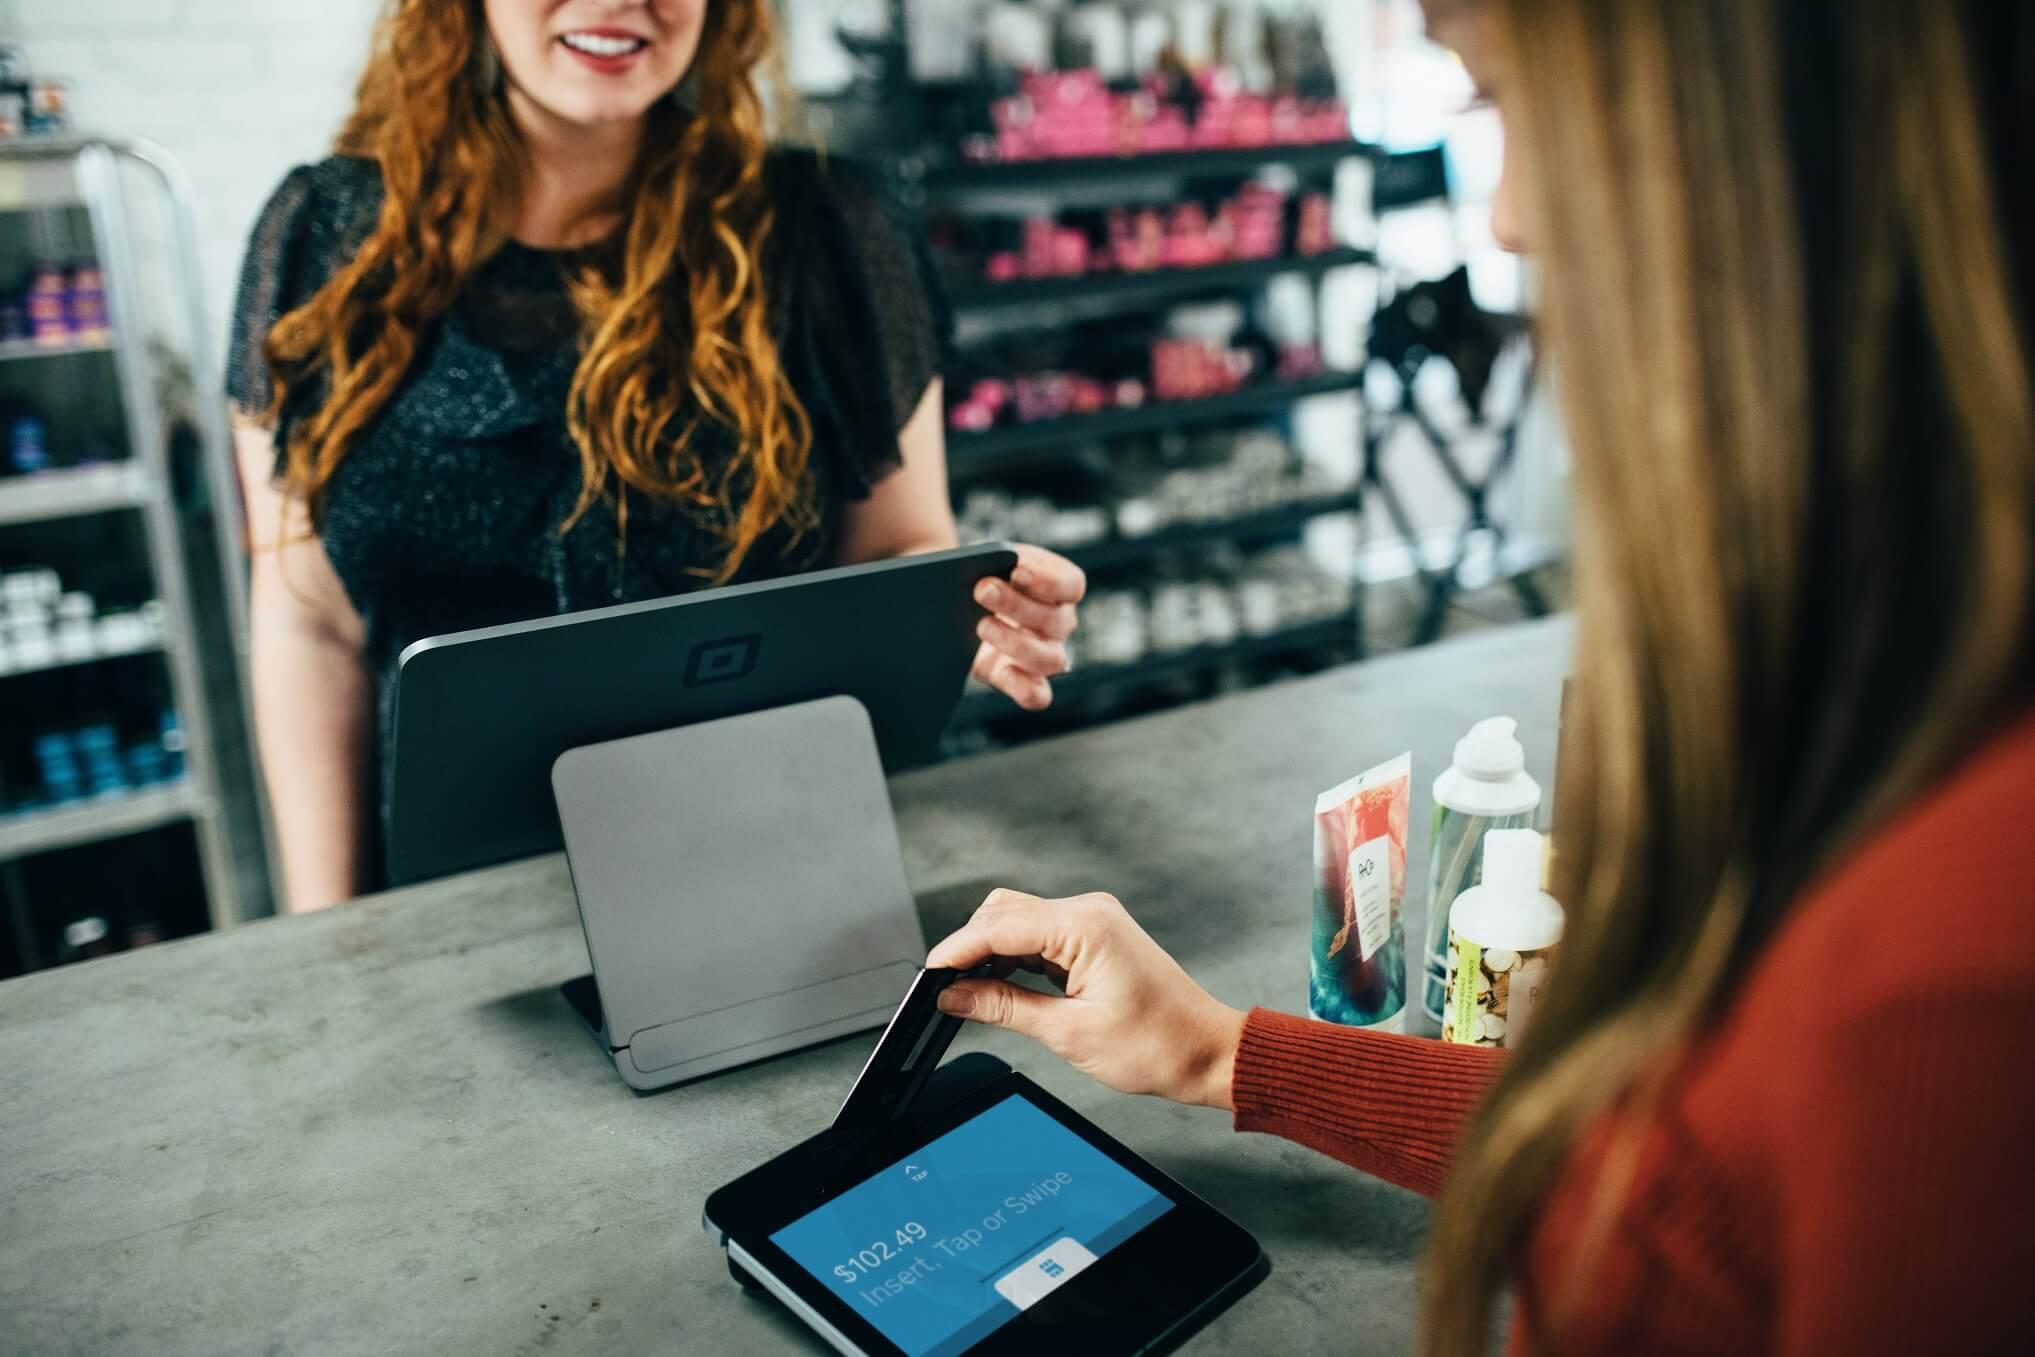 Una mujer paga la compra en una tienda con su tarjeta de crédito